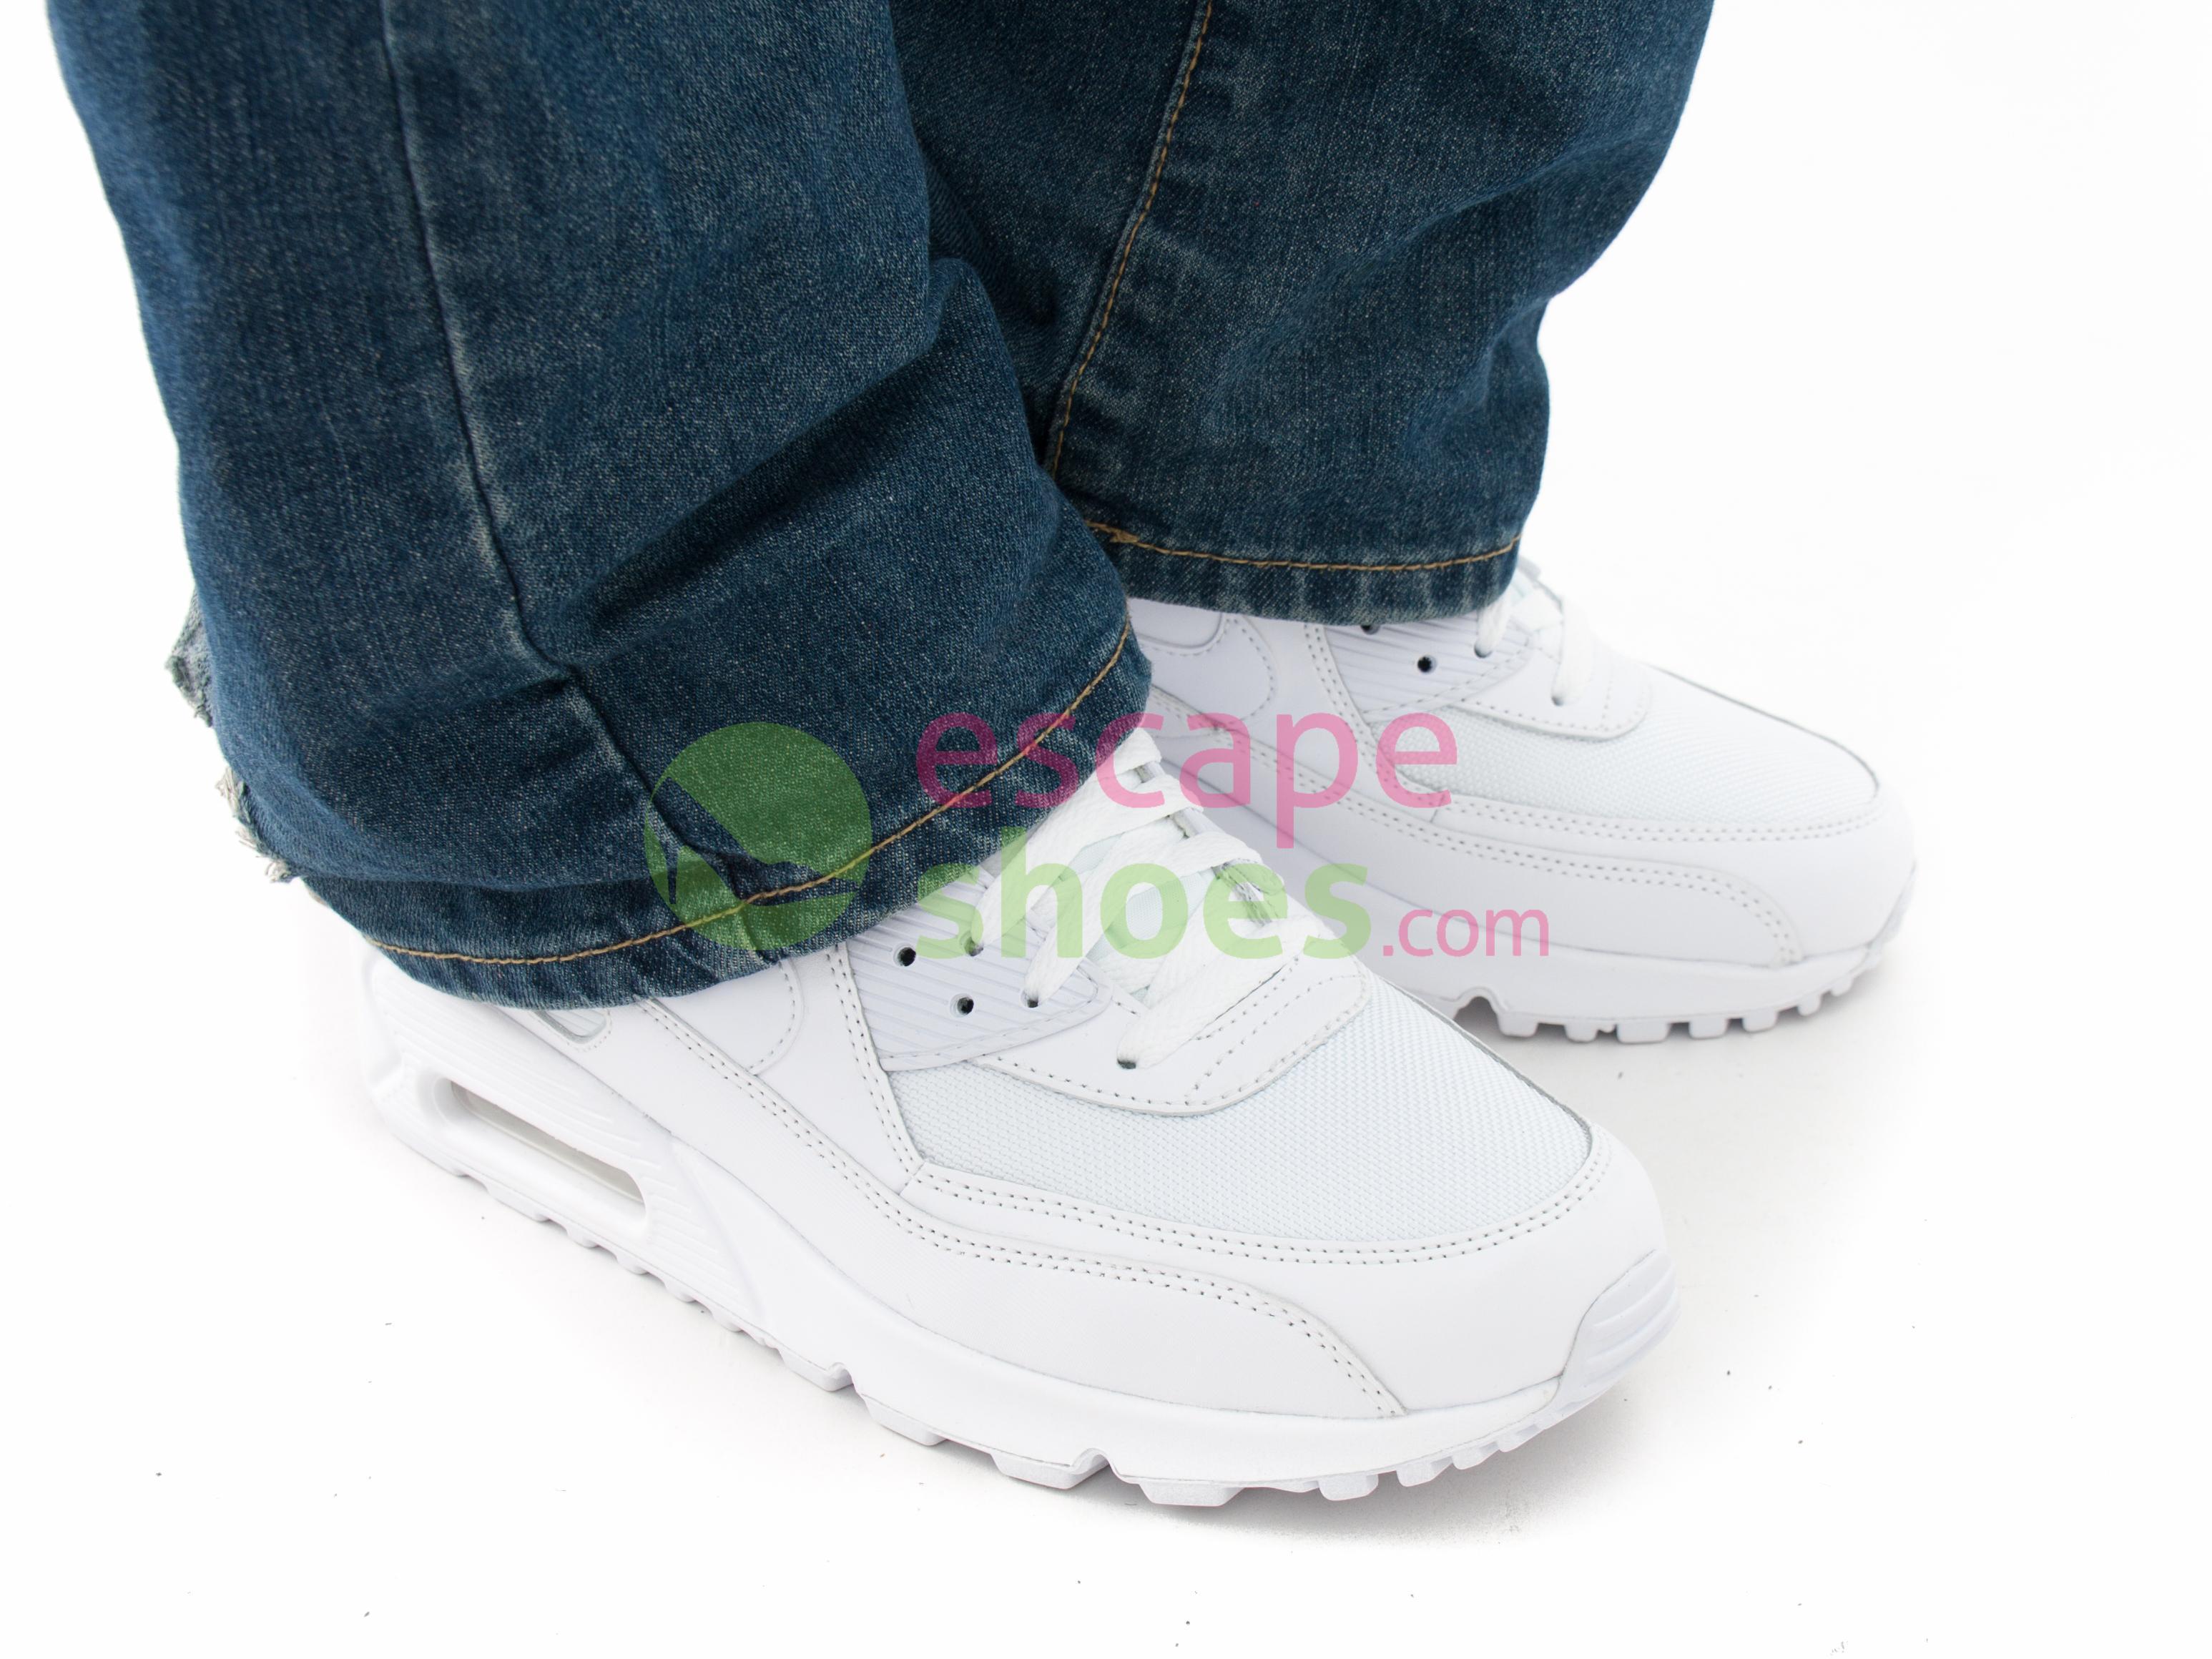 NIKE Air Max 90 Essential White 537384 111